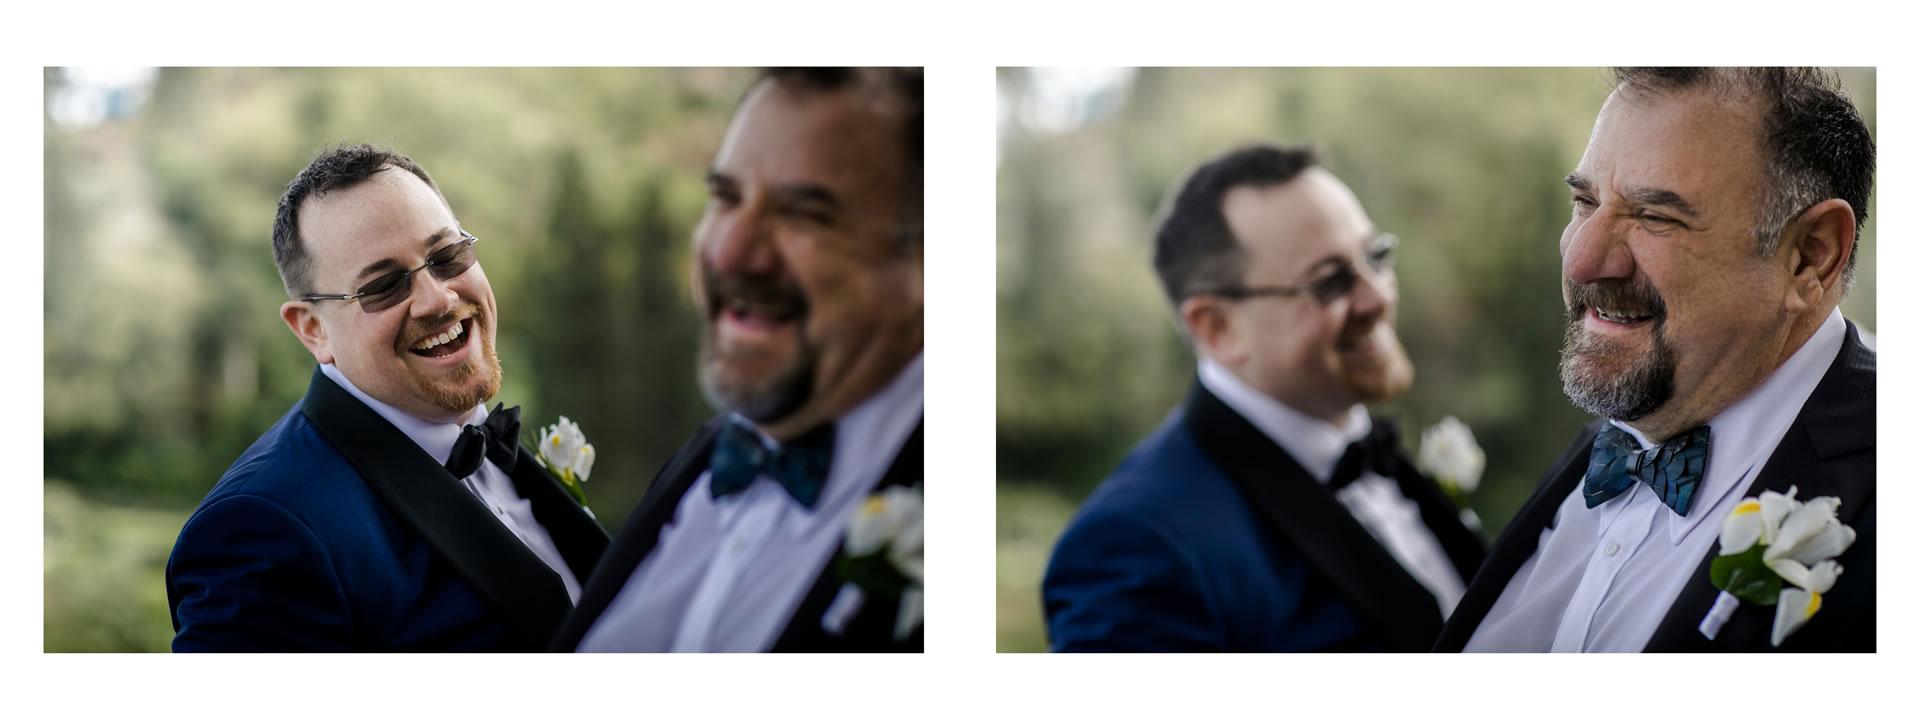 same-sex-love-in-portofino-david-bastianoni-photographer-00016 - 16 :: Wedding in Portofino // WPPI 2018 // The man that I love :: Luxury wedding photography - 15 :: same-sex-love-in-portofino-david-bastianoni-photographer-00016 - 16